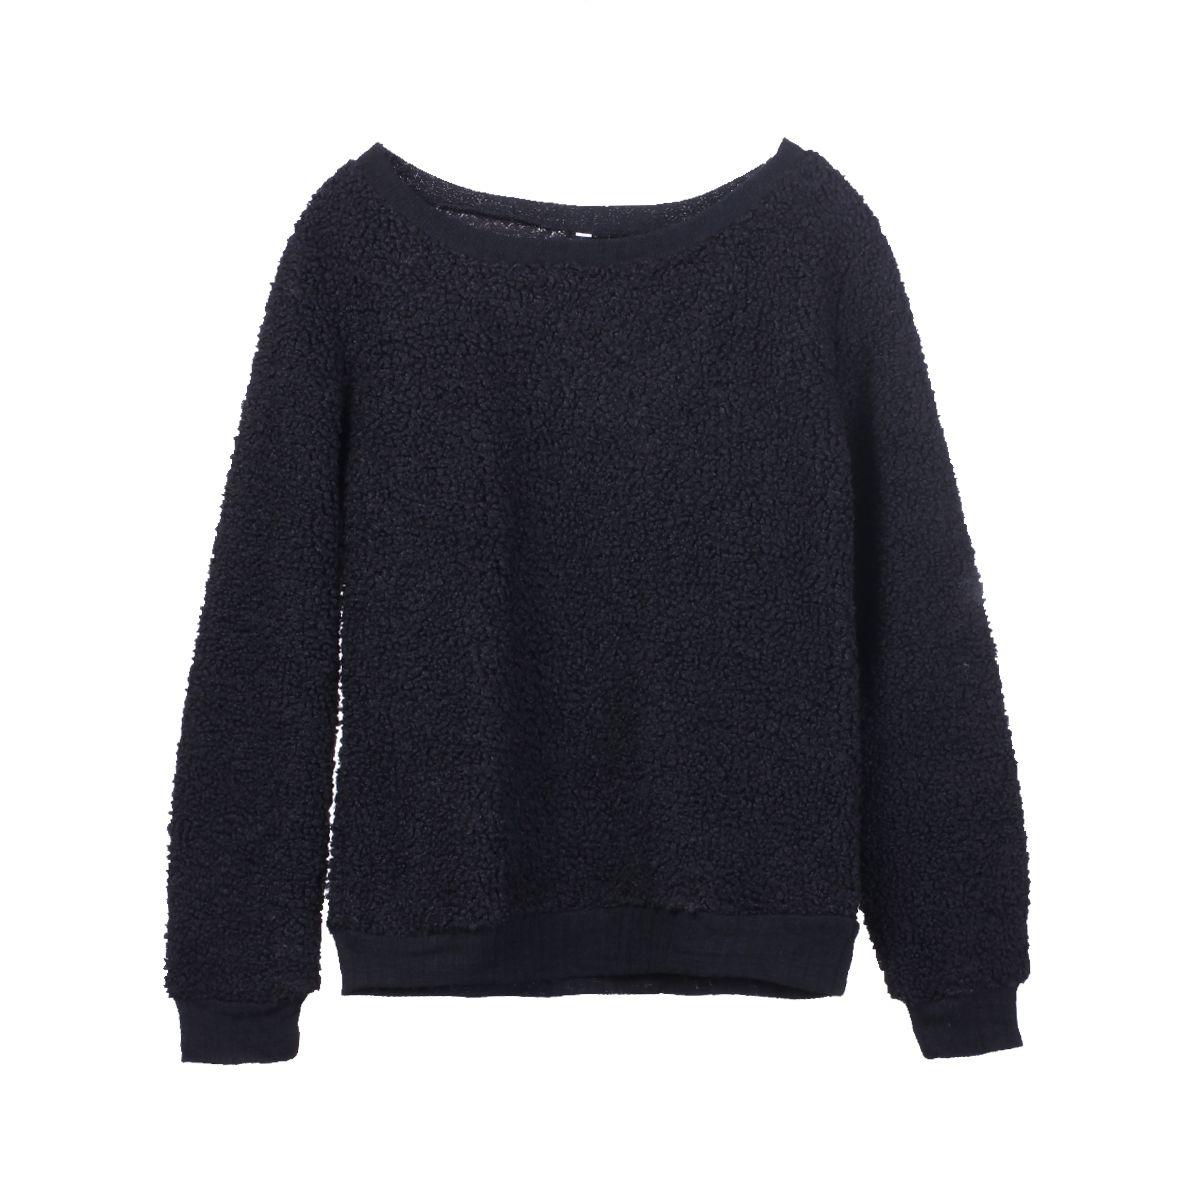 Şık Bayan Long Sleeve Pamuk Kadife Boy Gevşek Örme Kapüşonlular Kazaklar Jumper Dış Giyim Hoodie Sweatshirt Giyim